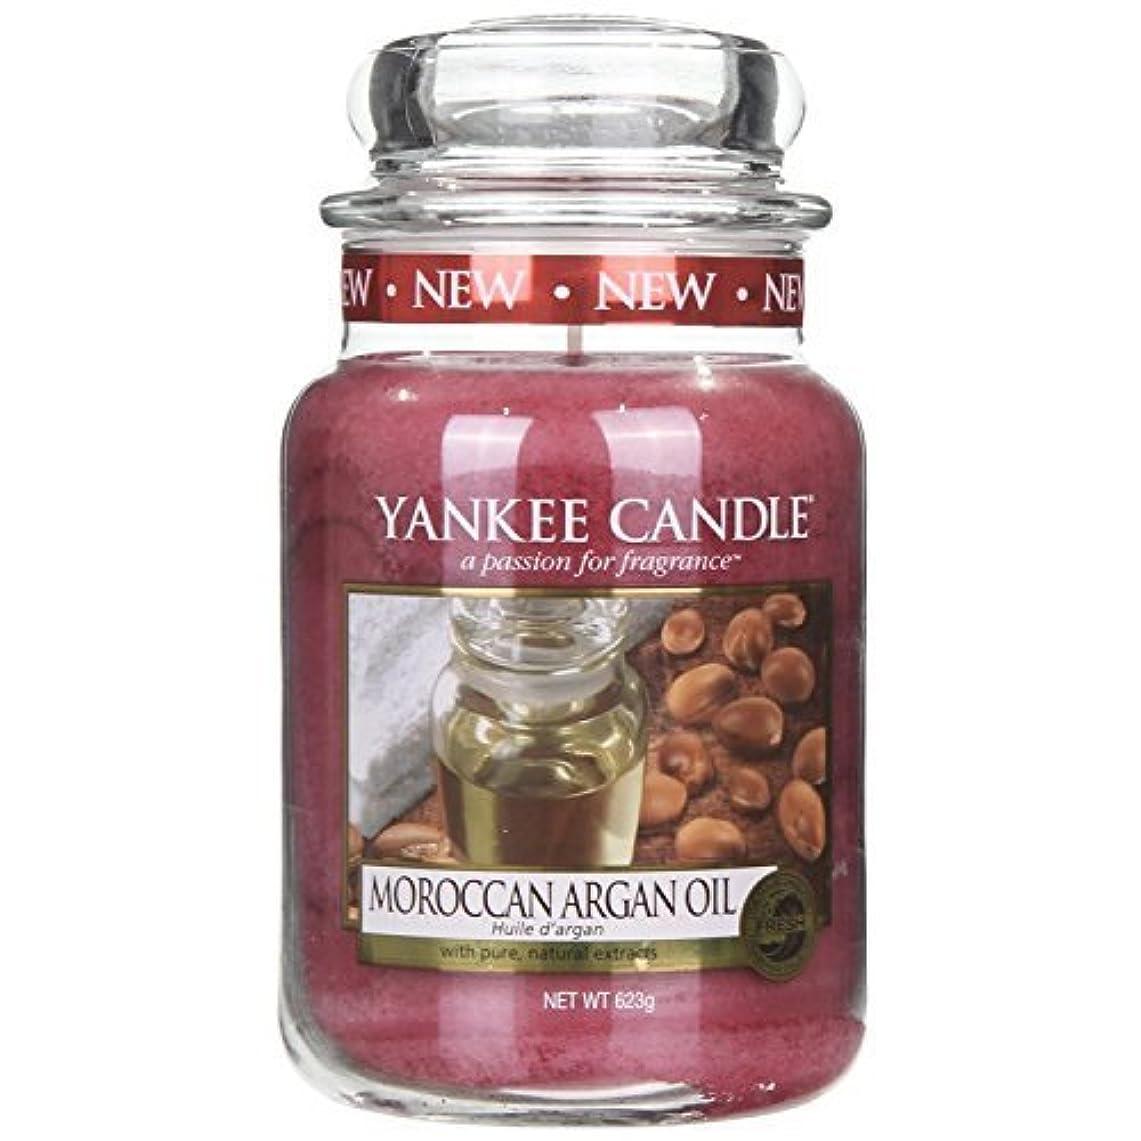 フィット不調和再集計Yankee Candle MOROCCAN ARGAN OIL 22oz Large Jar Candle - UK Exclusive by Yankee Candle [並行輸入品]